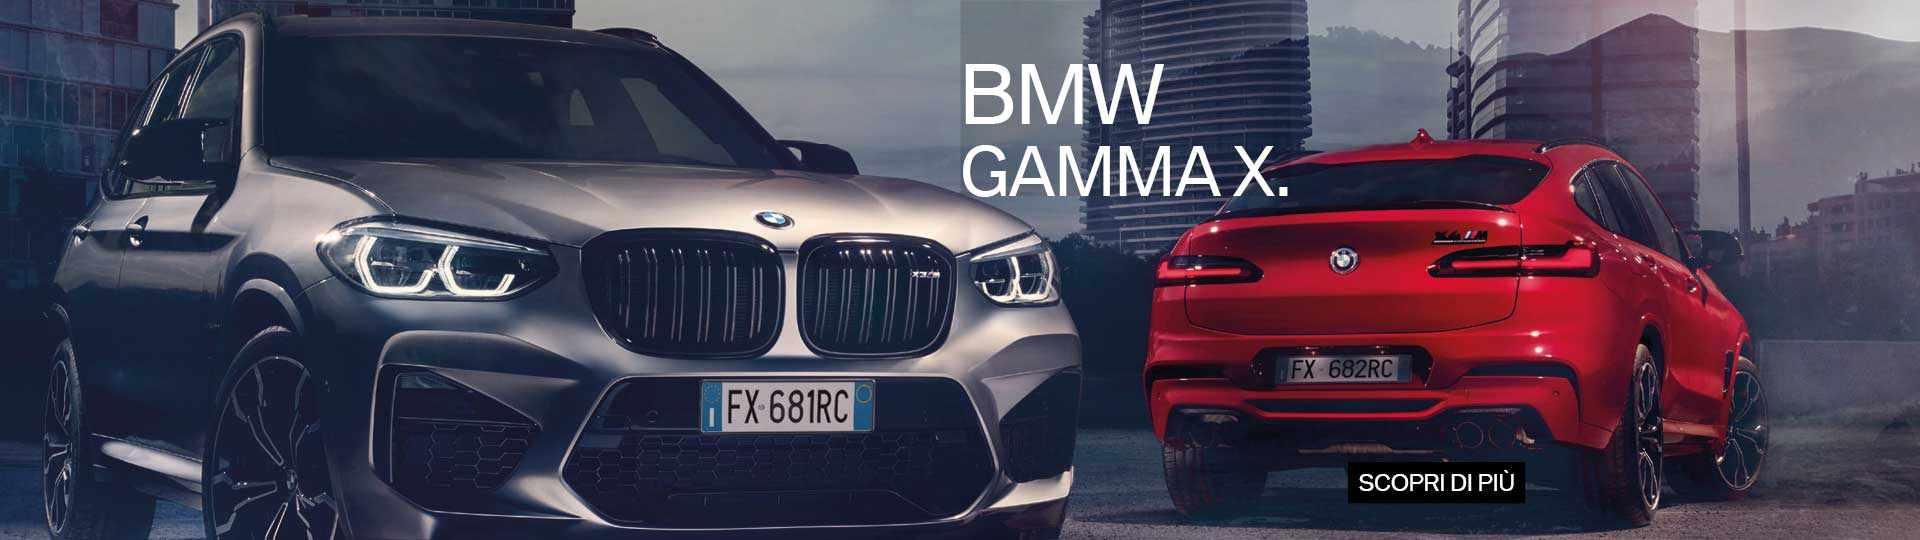 BMW-Gamma-X-min.jpg